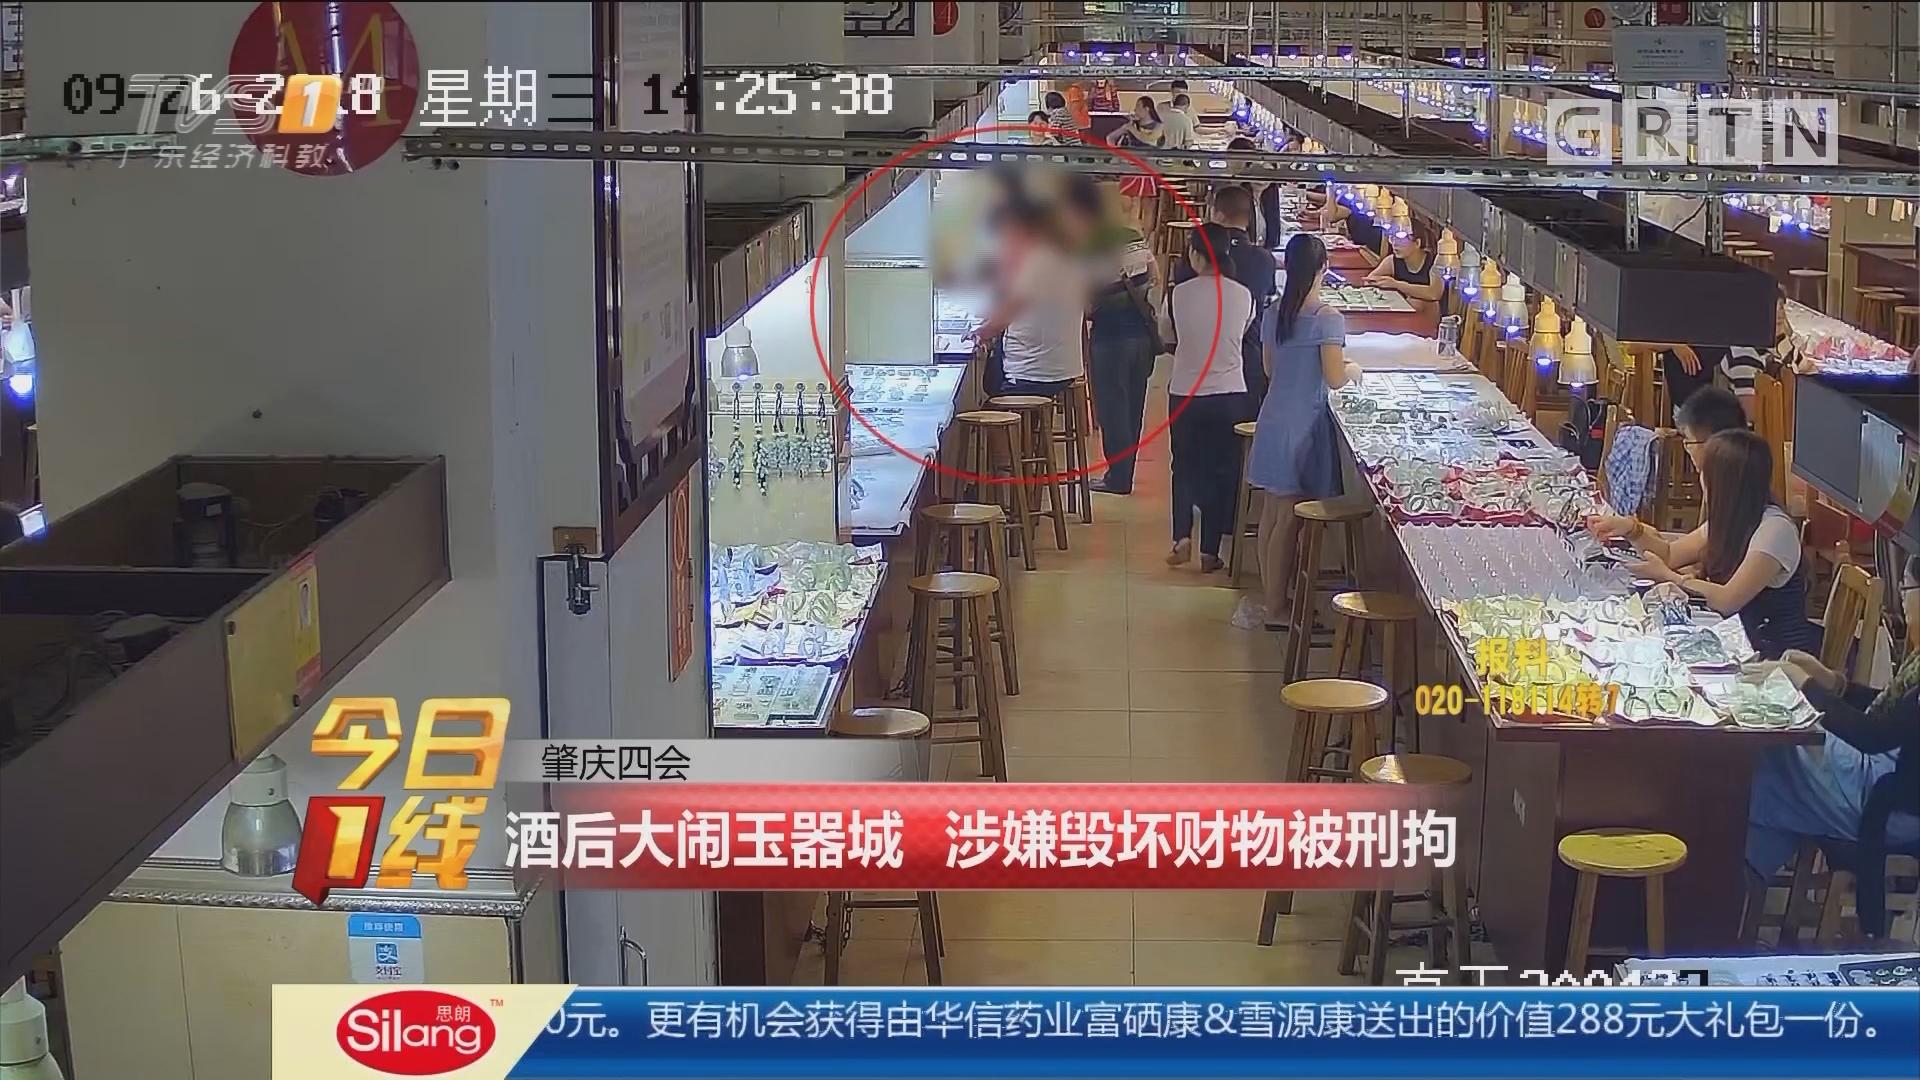 肇庆四会:酒后大闹玉器城 涉嫌毁坏财物被刑拘